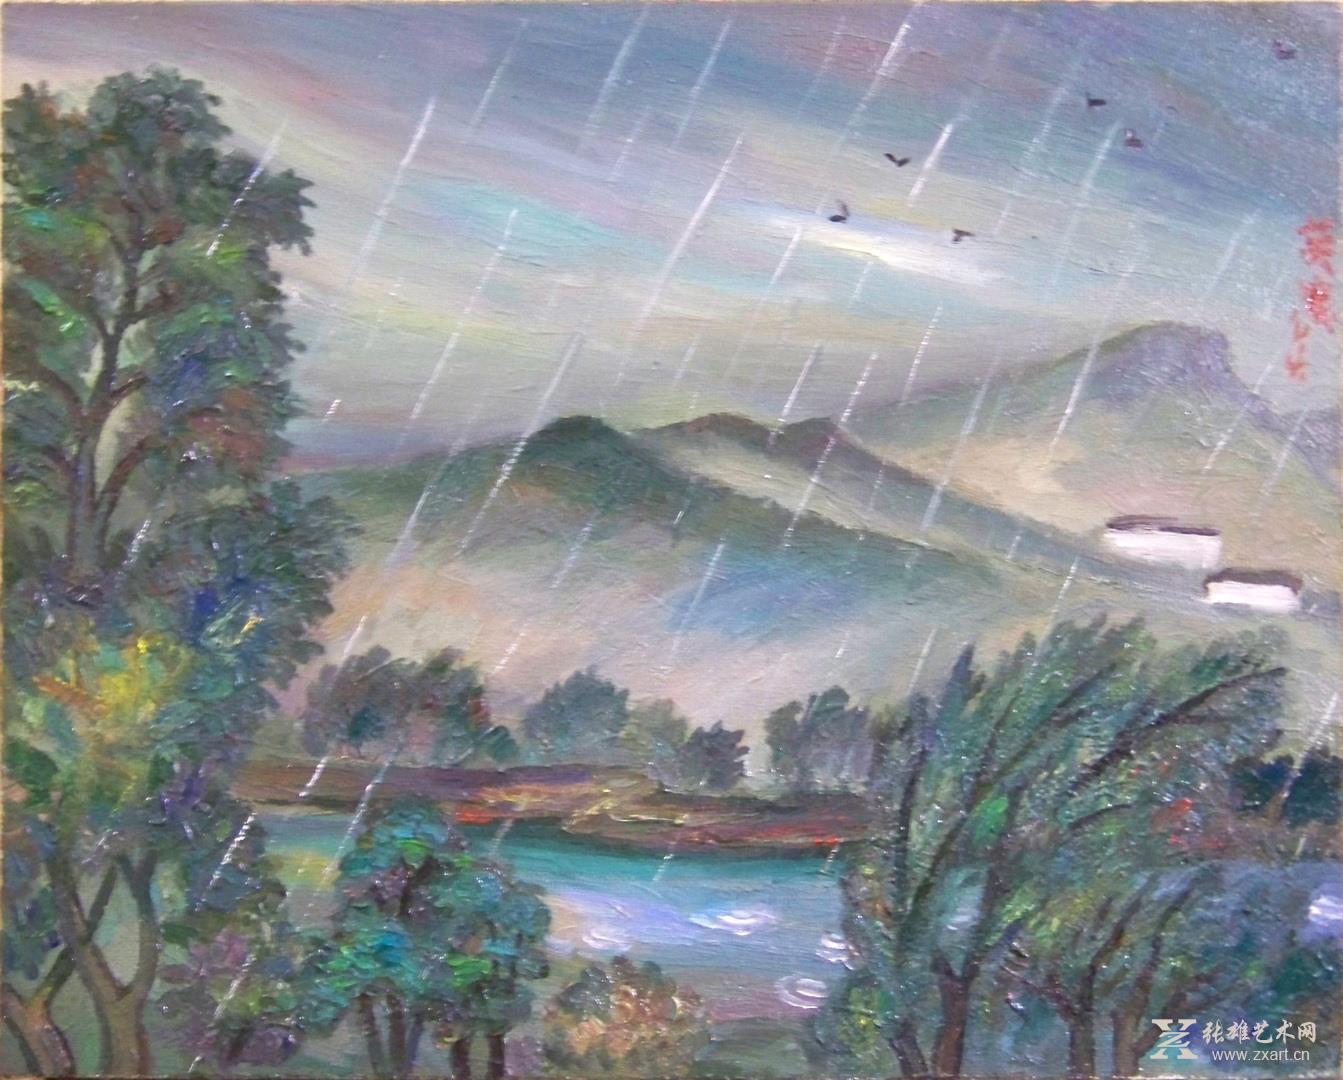 雕塑石雕 西画 油画风景 > 《福建景色组画-后山雨景》